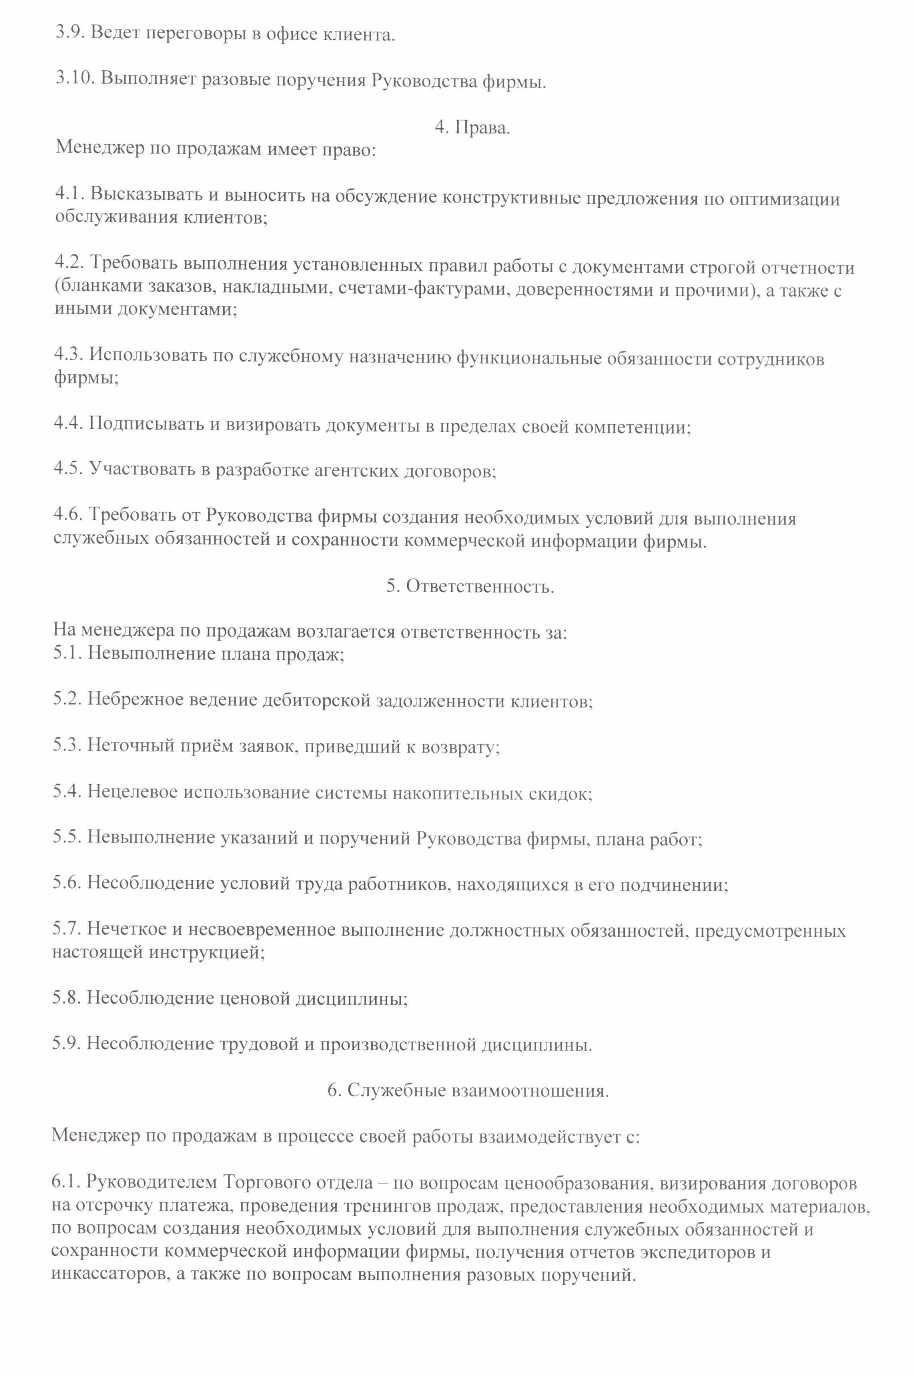 инструкция должностная начальника отдела продаж